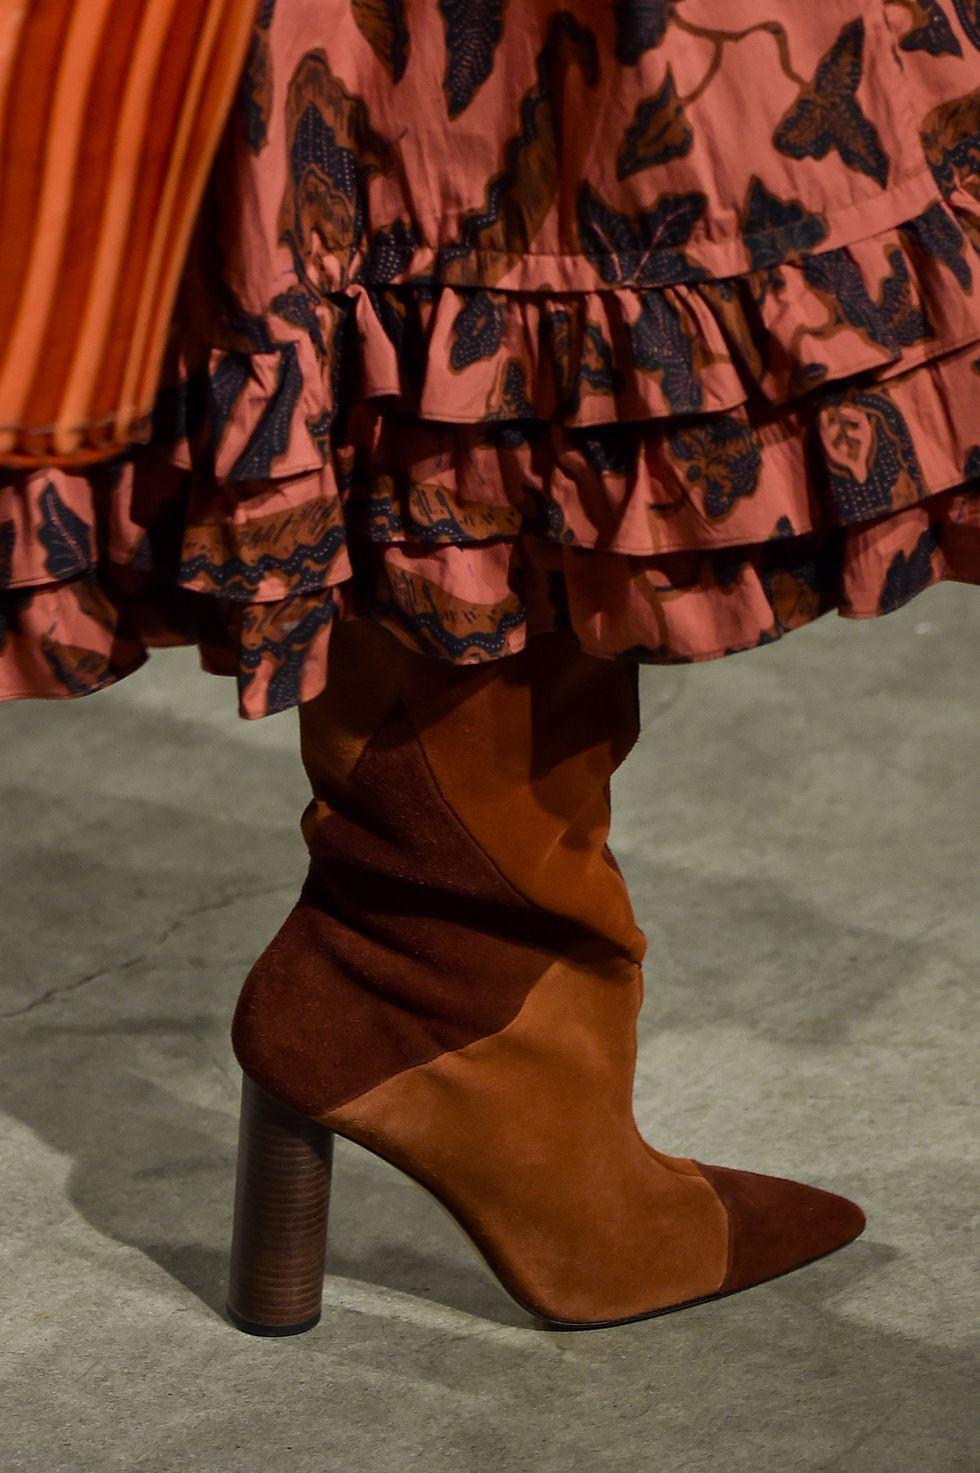 أسبوع الموضة في نيويورك - موضة الأحذية